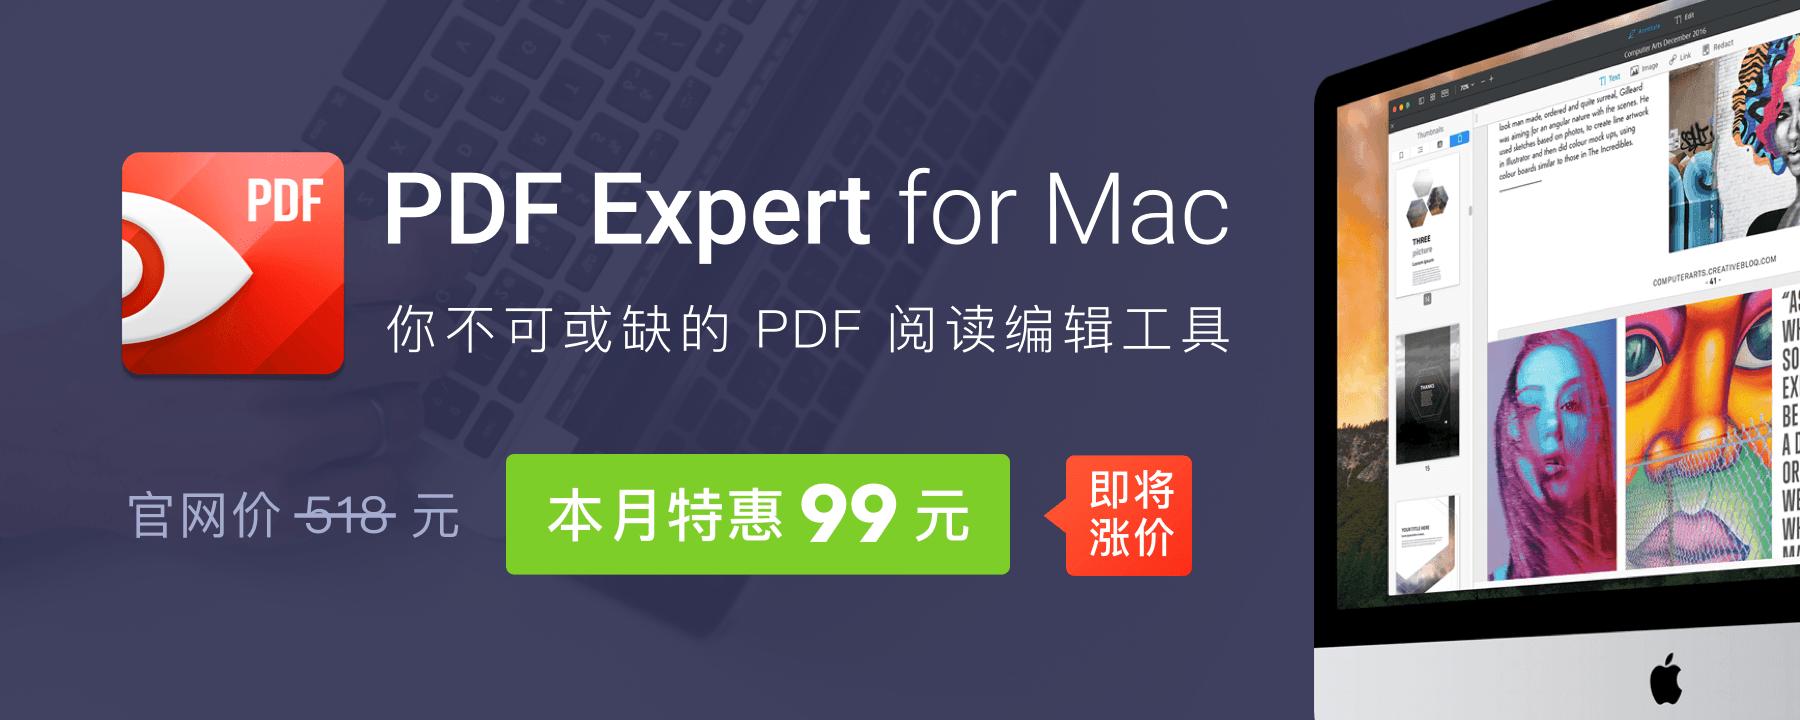 十月涨价赶快上车 99 元买正版 Mac 软件 PDF Expert插图1